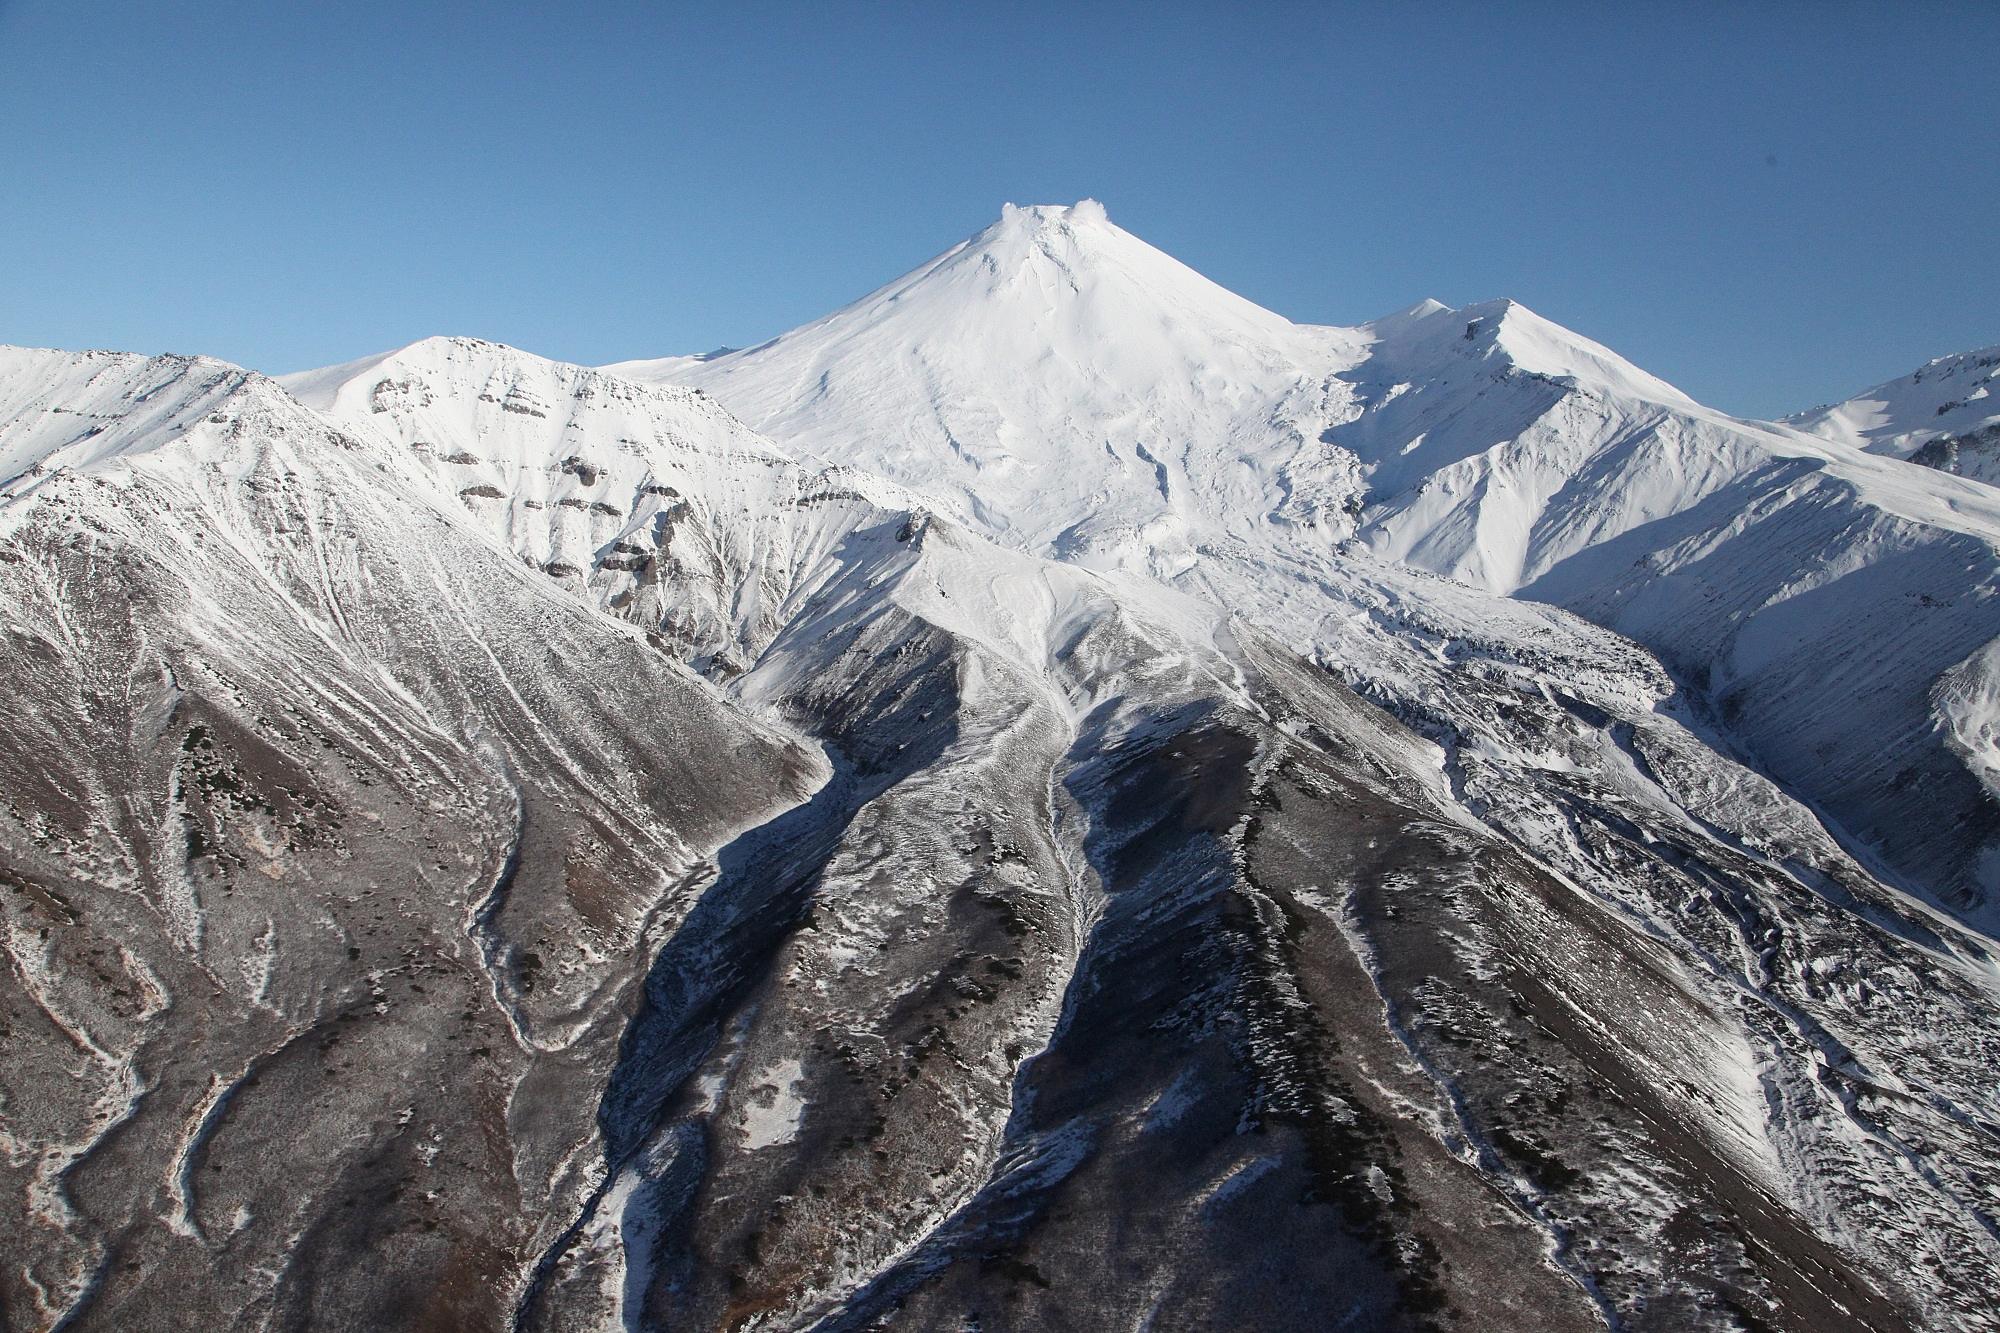 Uglovaya Sopka